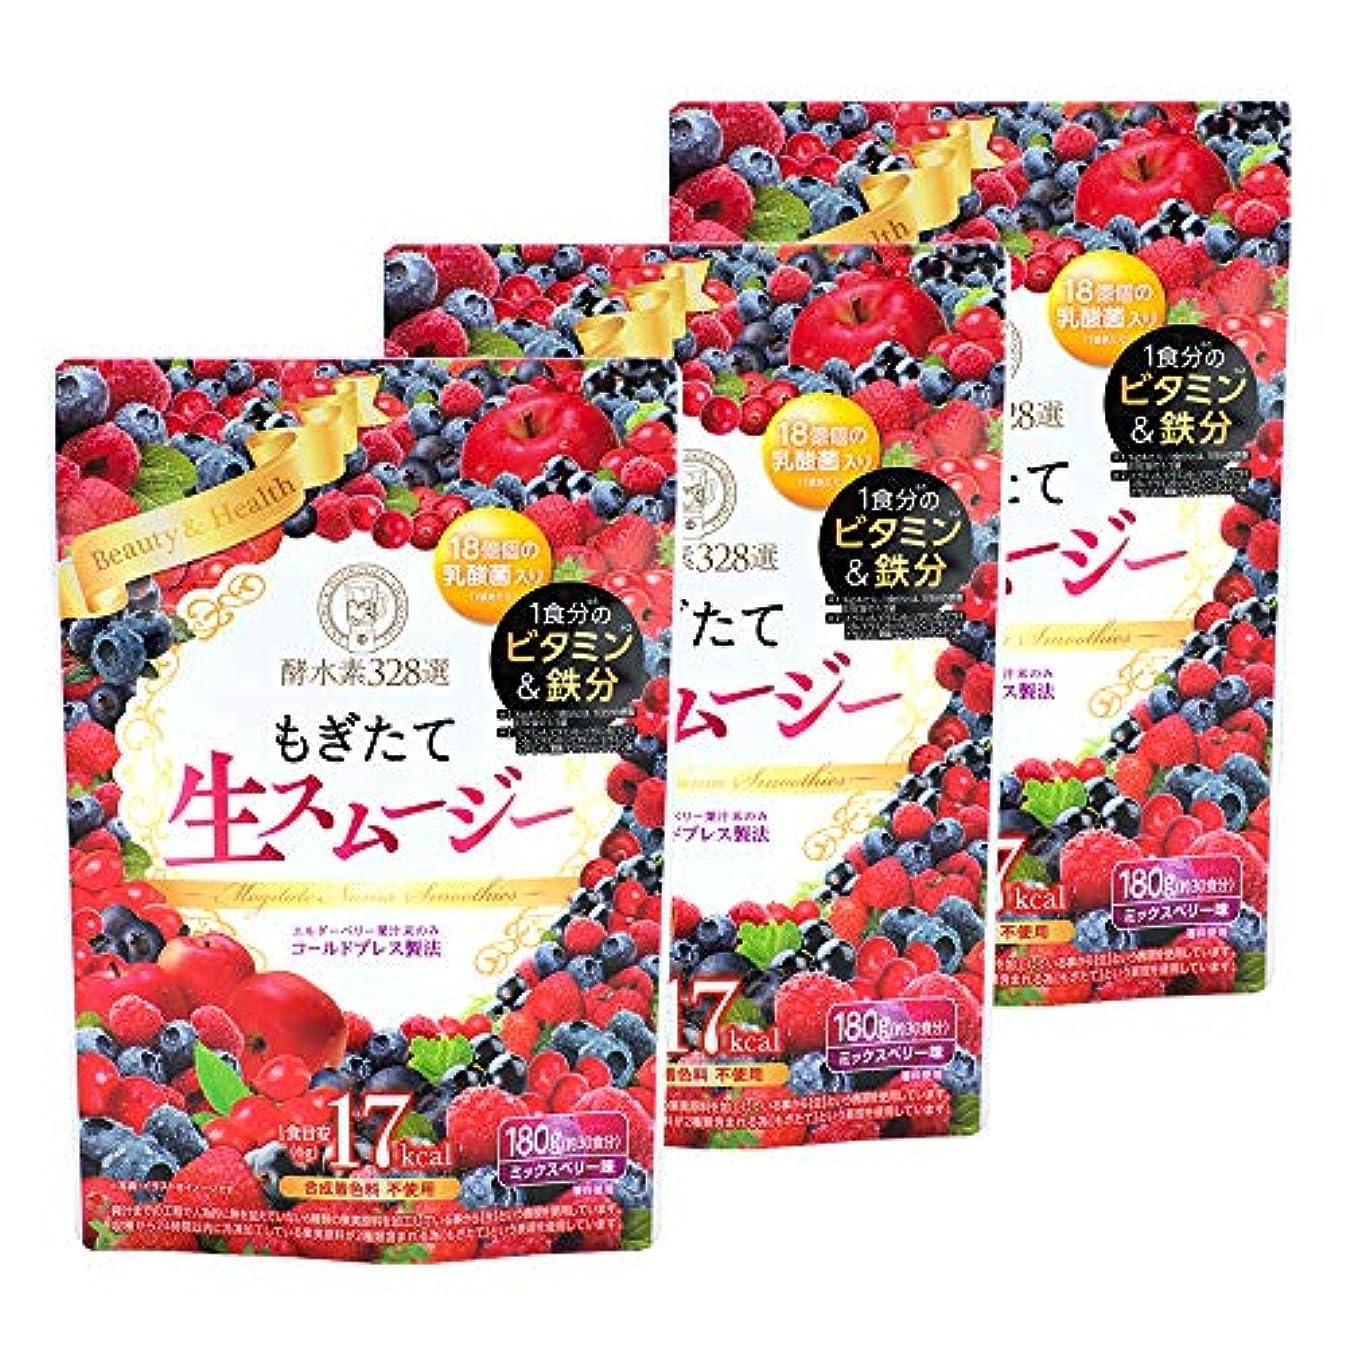 アンビエント不正洪水【公式】酵水素328選 もぎたて生スムージー 3袋セット (ミックスベリー味)